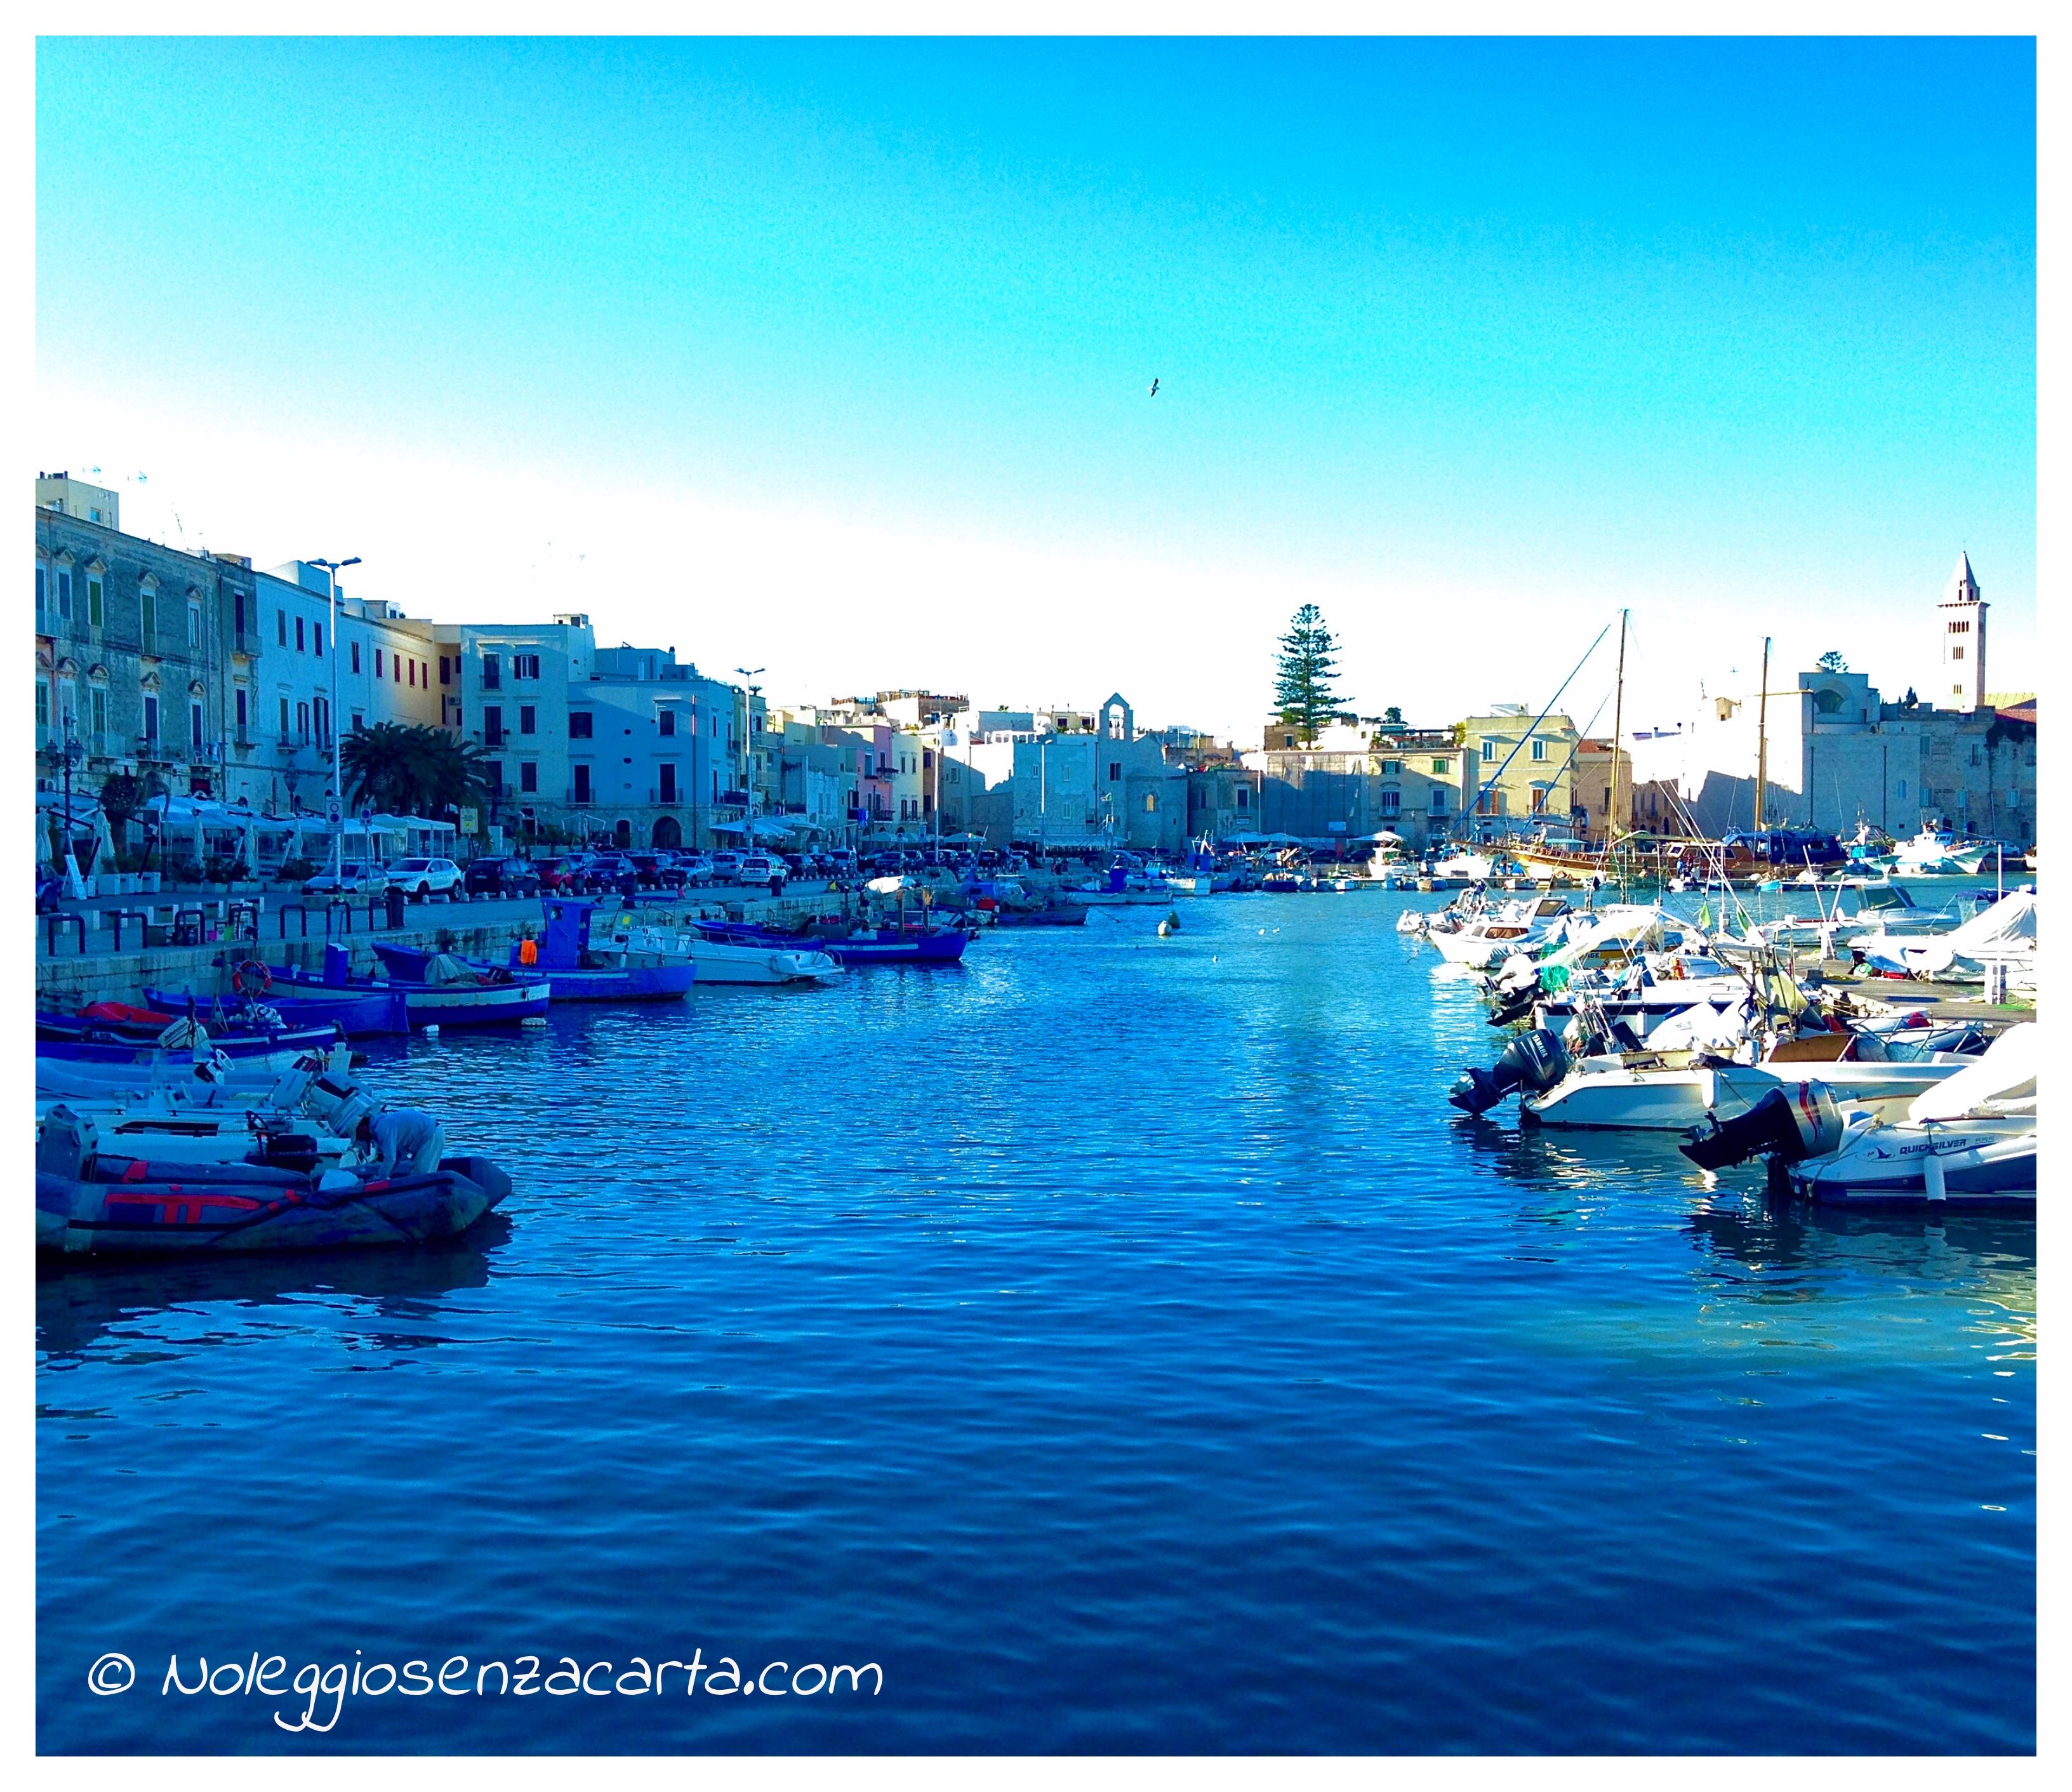 Noleggiare auto senza carta di credito a Bari